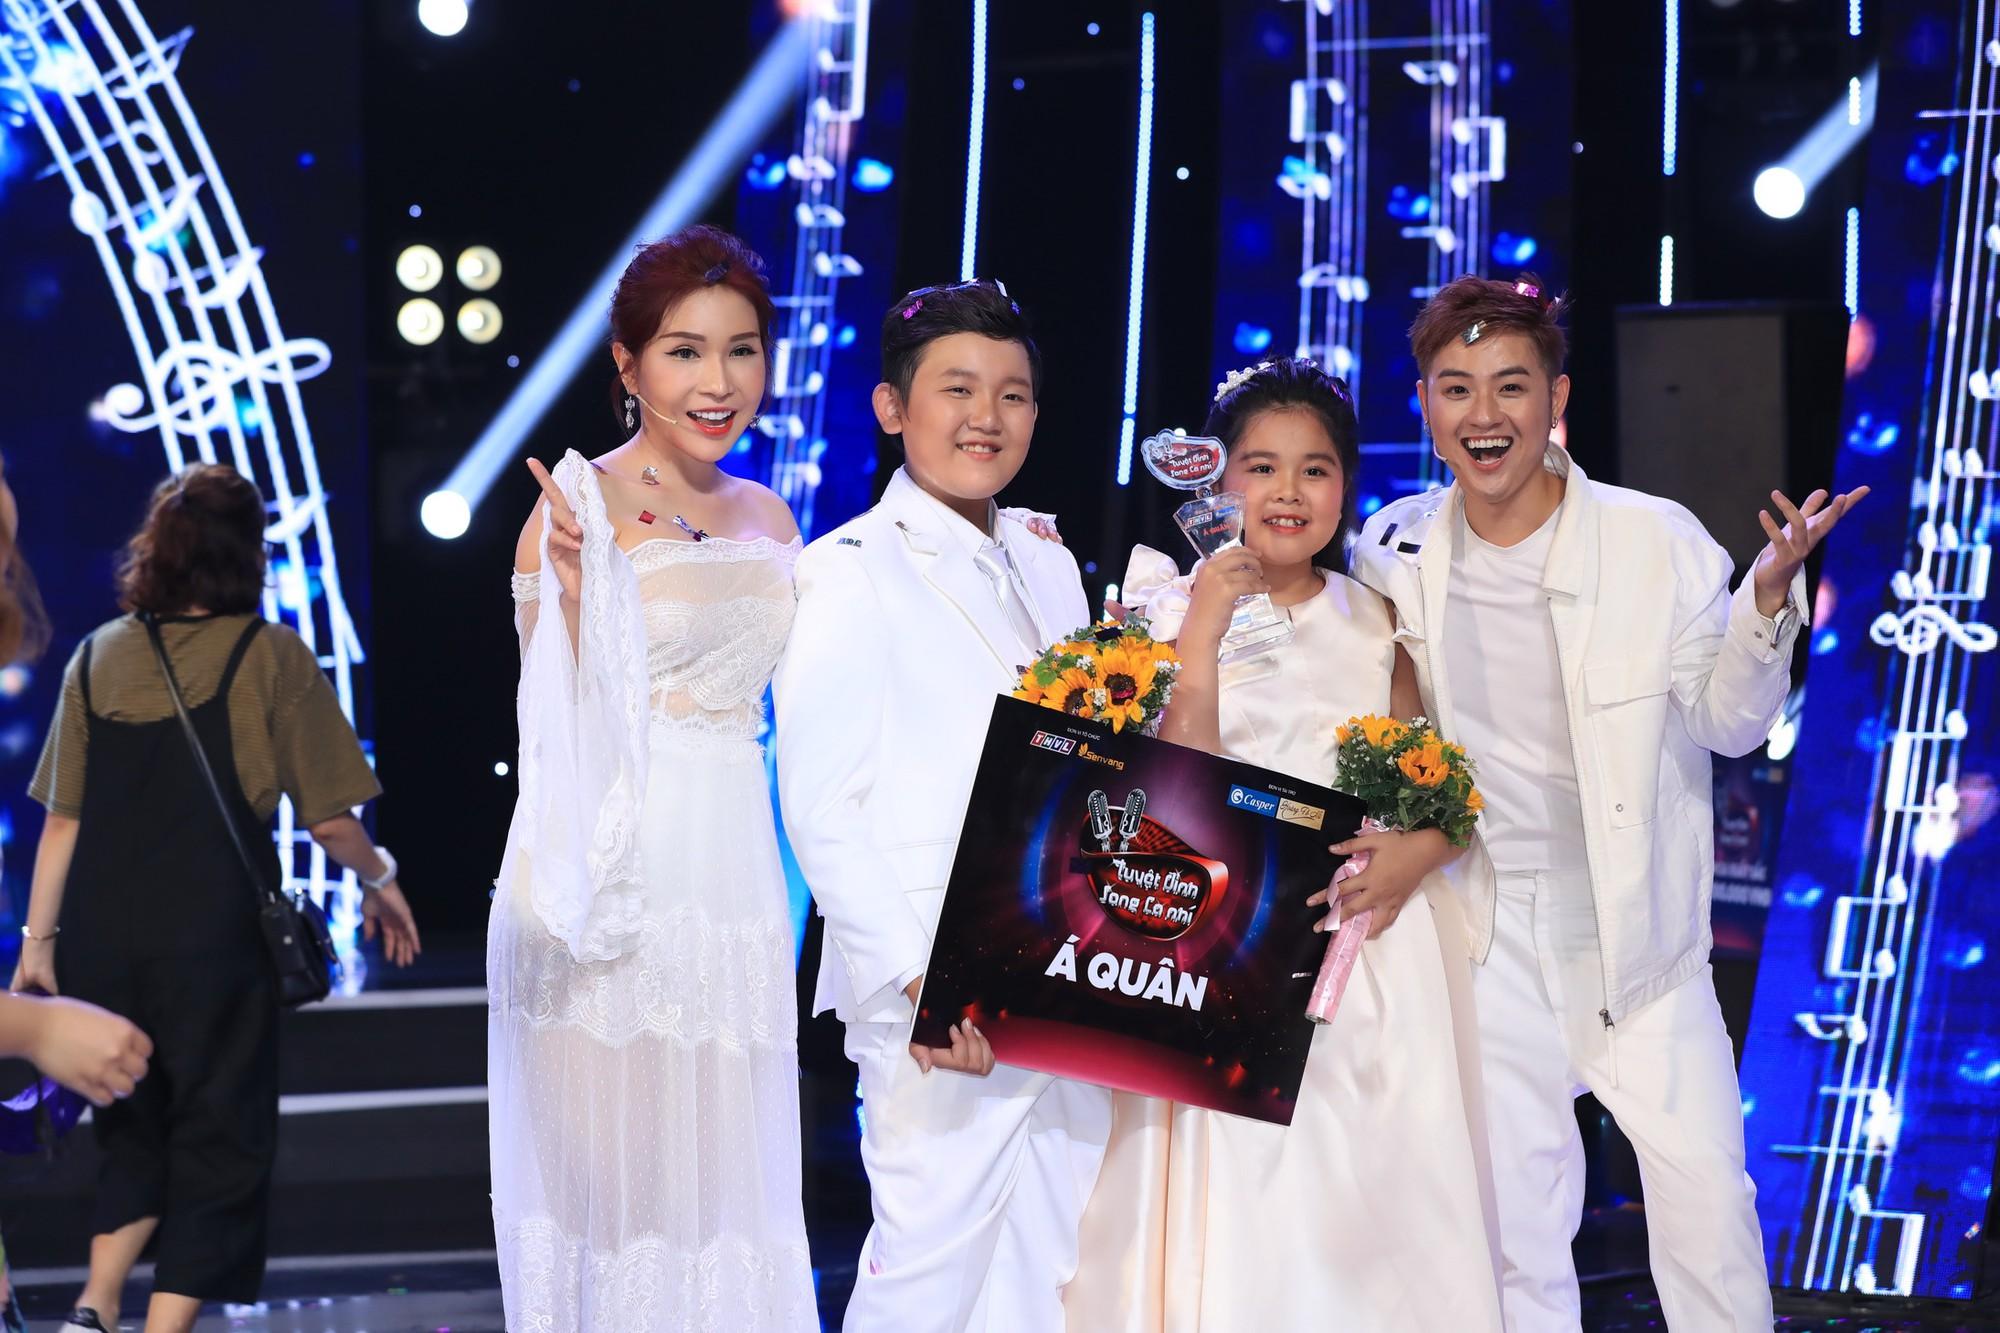 Bị gắn mác ca sĩ hội chợ, Hồ Việt Trung vẫn đưa học trò đăng quang quán quân Tuyệt đỉnh song ca nhí - Ảnh 9.